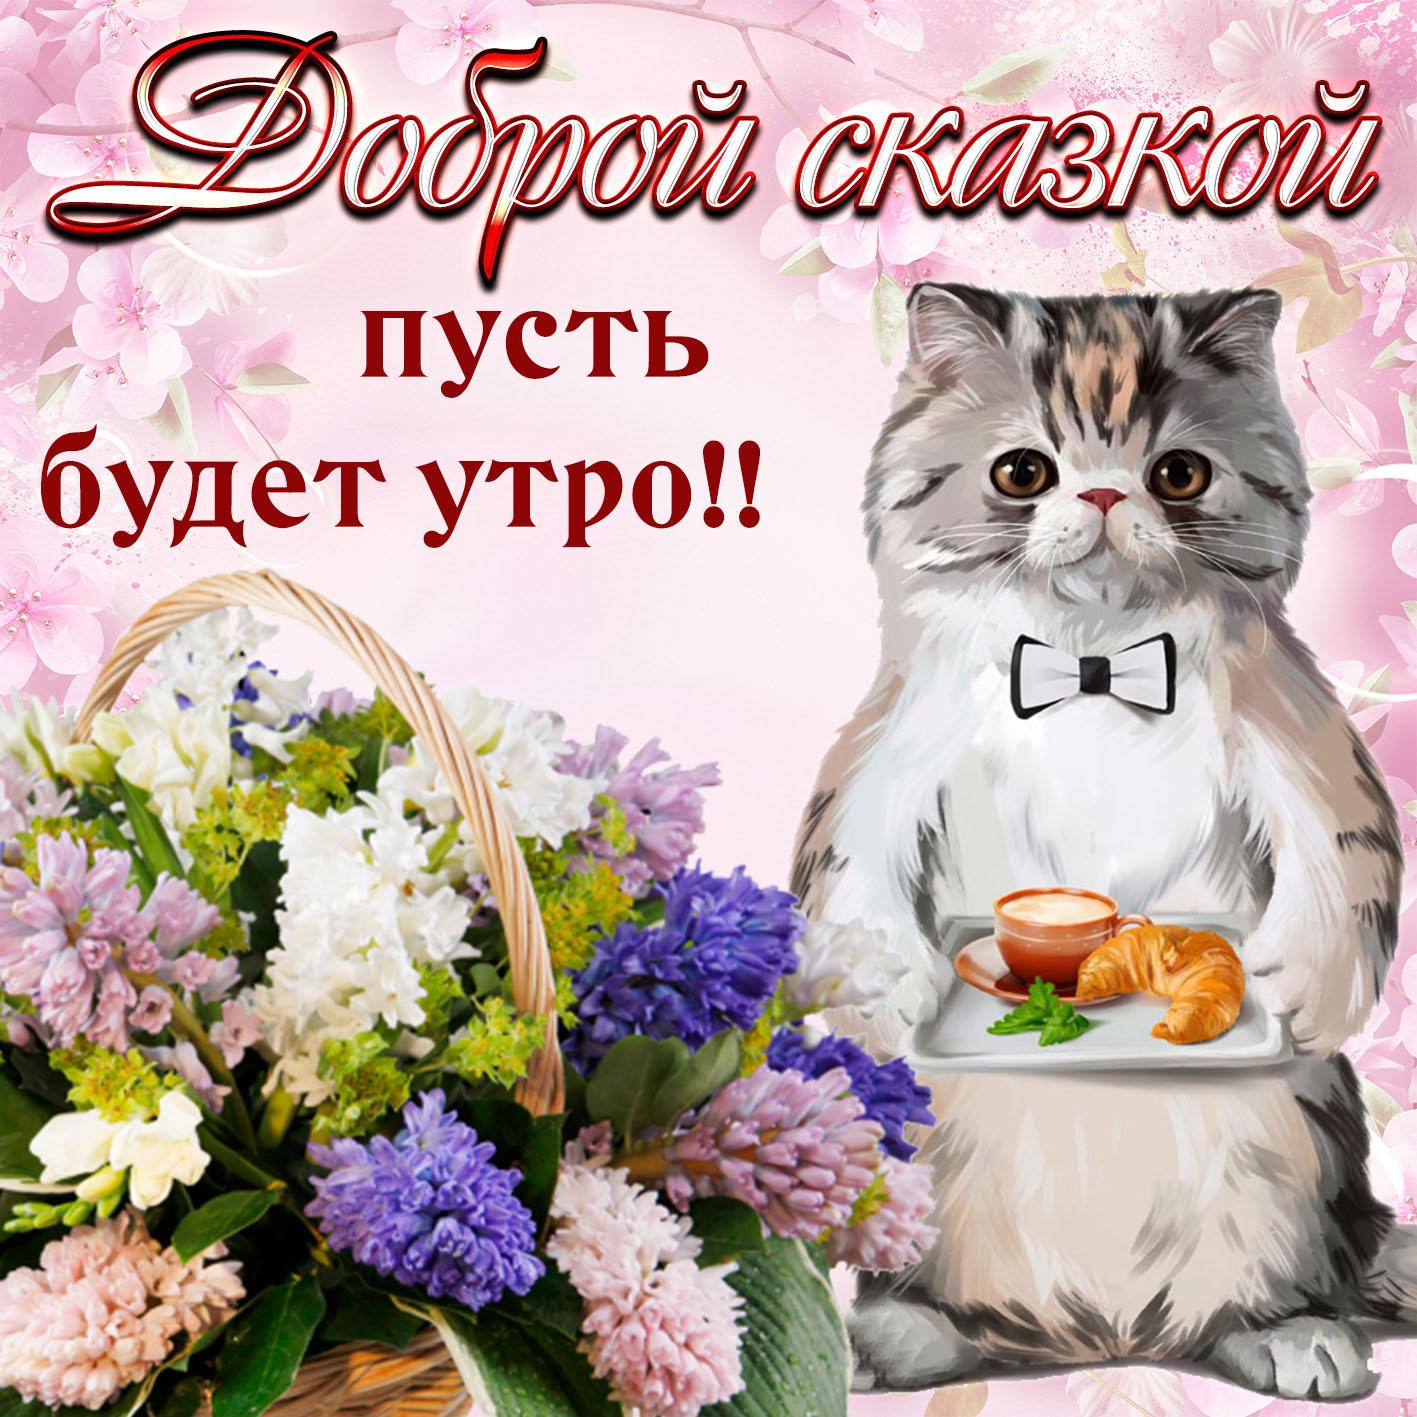 Открытка - милый котик и пожелание на утро